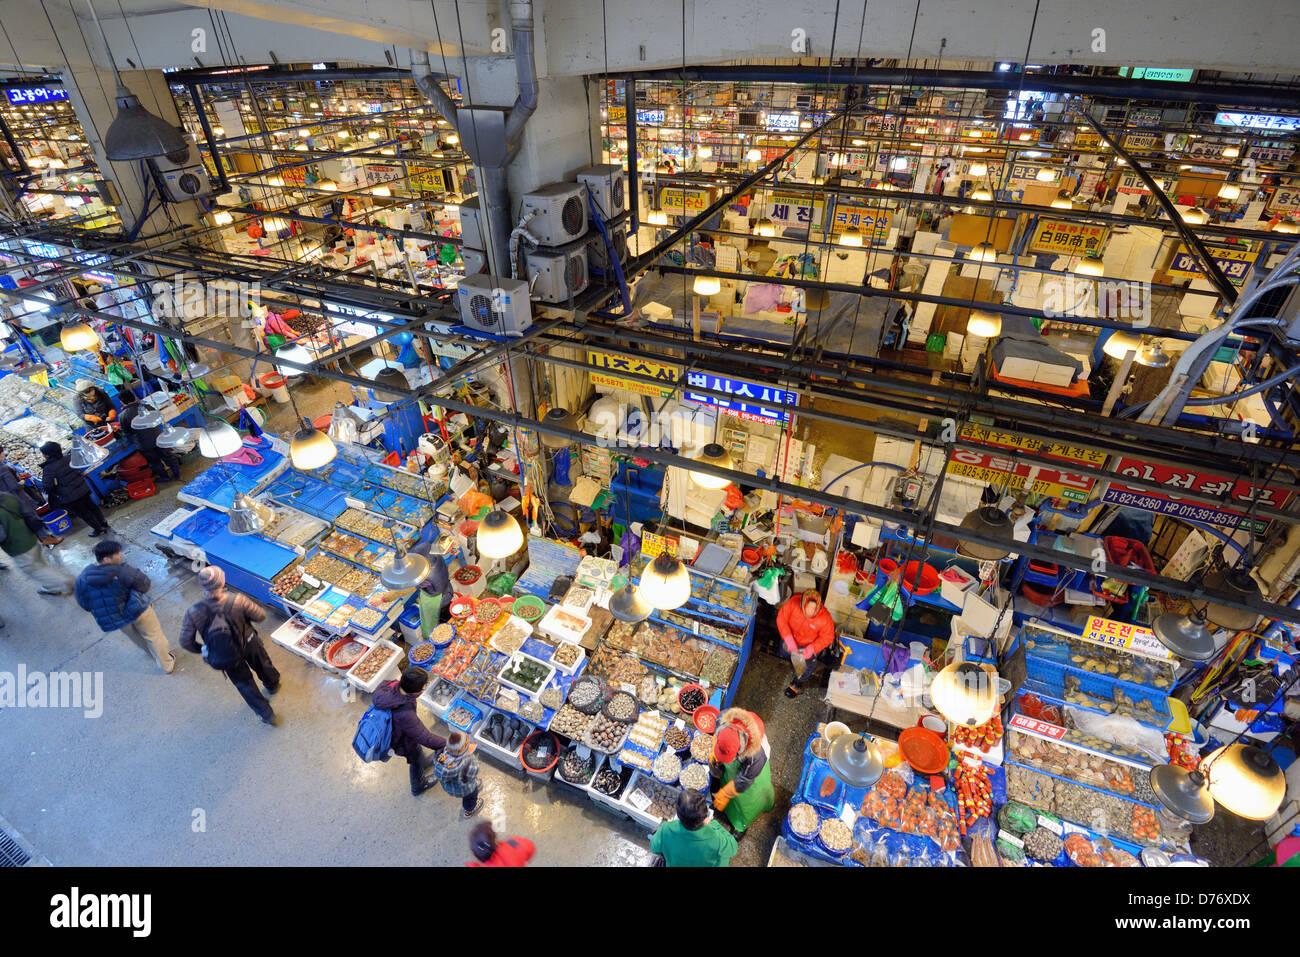 Marché de gros de la pêche Noryangjin à Séoul, Corée du Sud Photo Stock